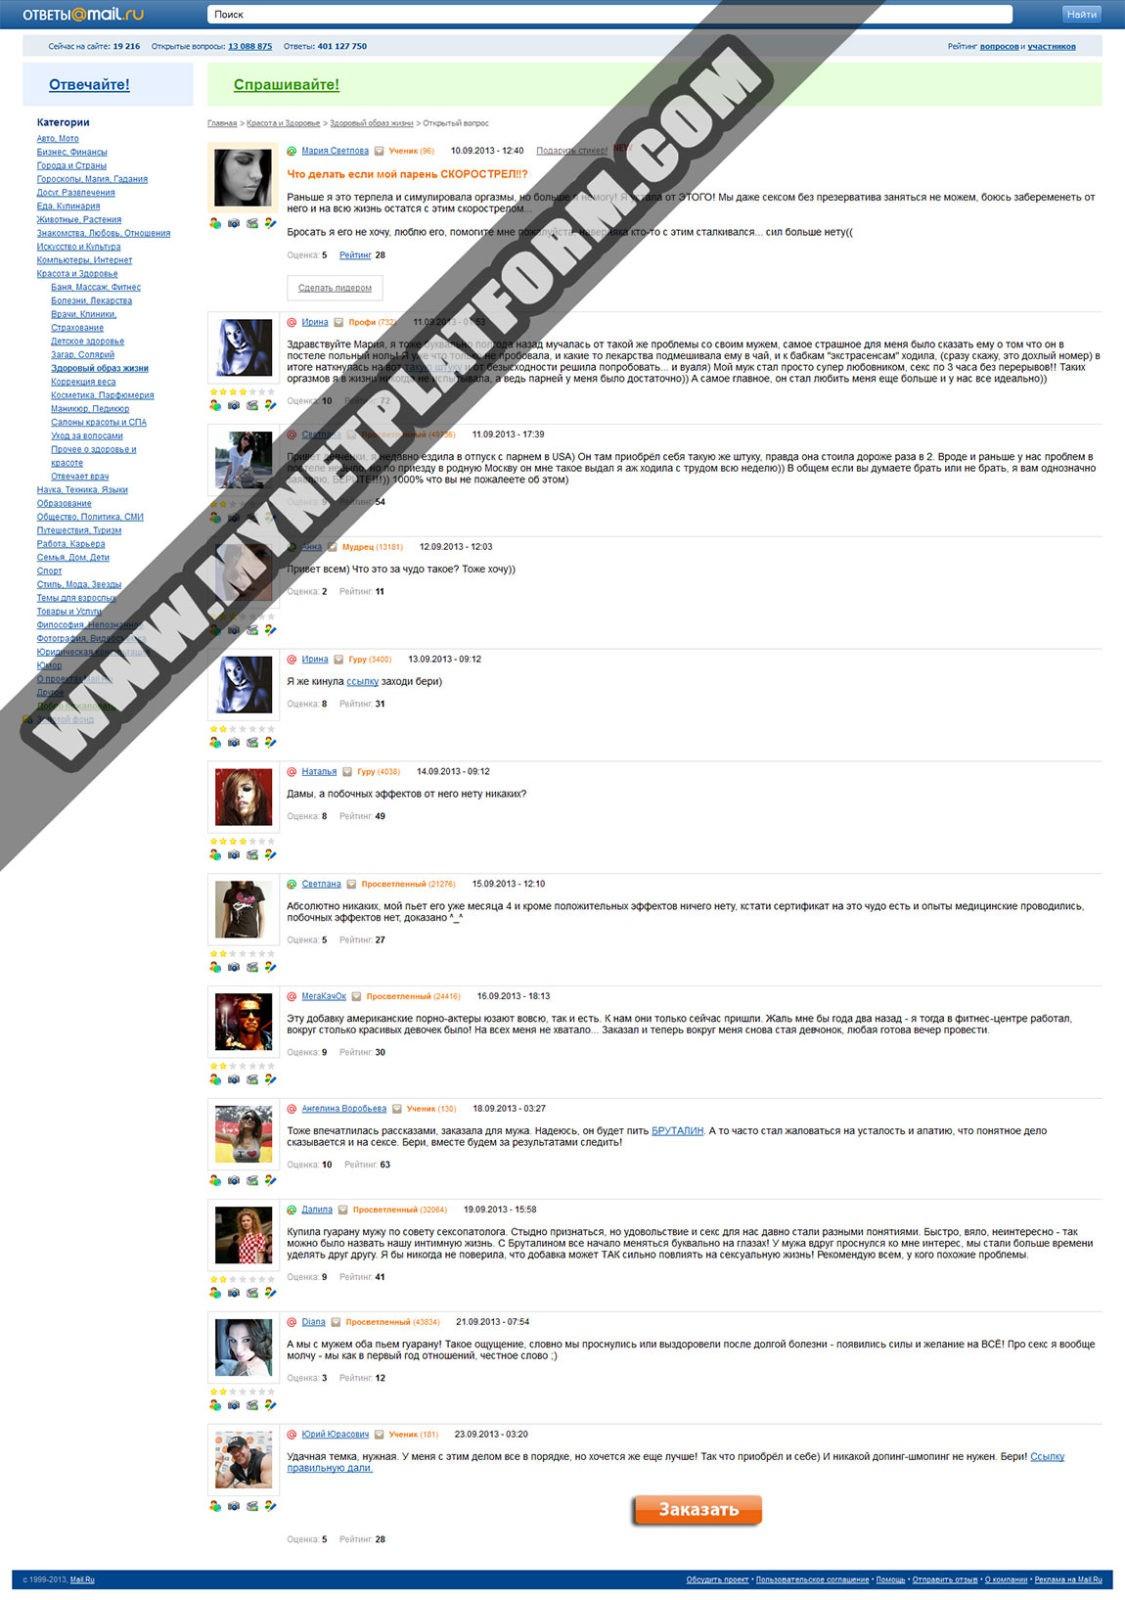 Скриншот Прокладка otvet.mail.ru для товара Brutaline - натуральный продукт 01